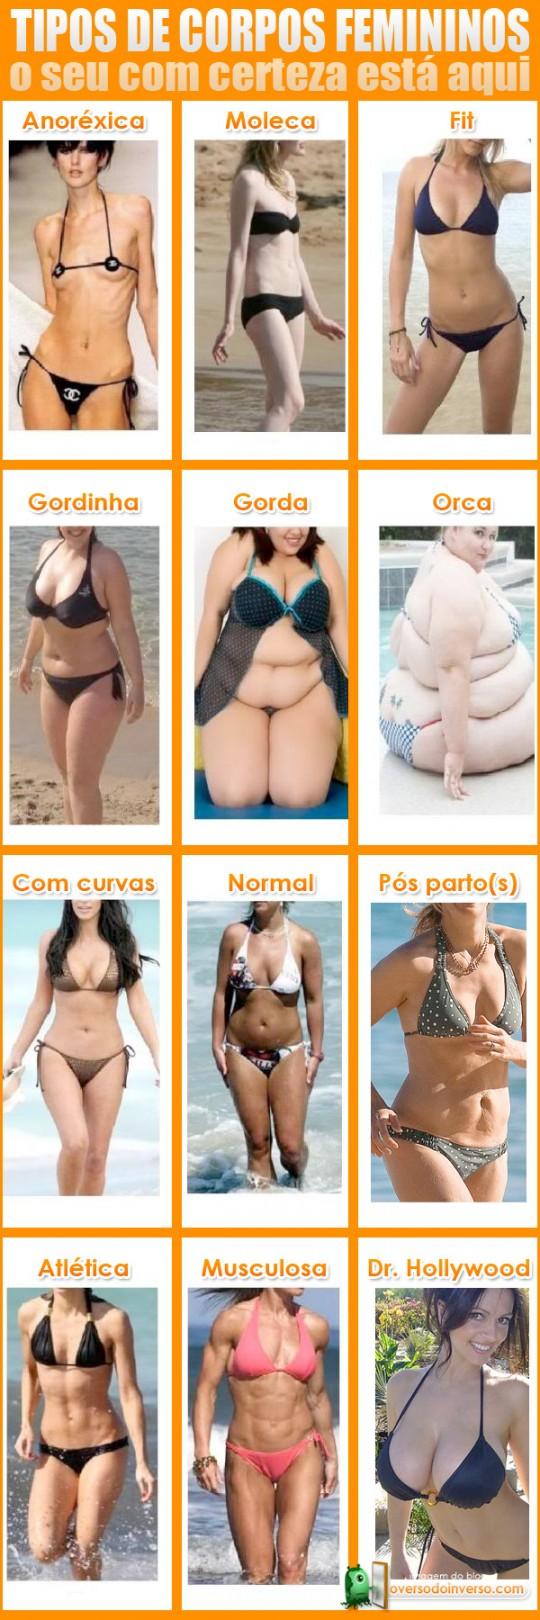 corpofeminino